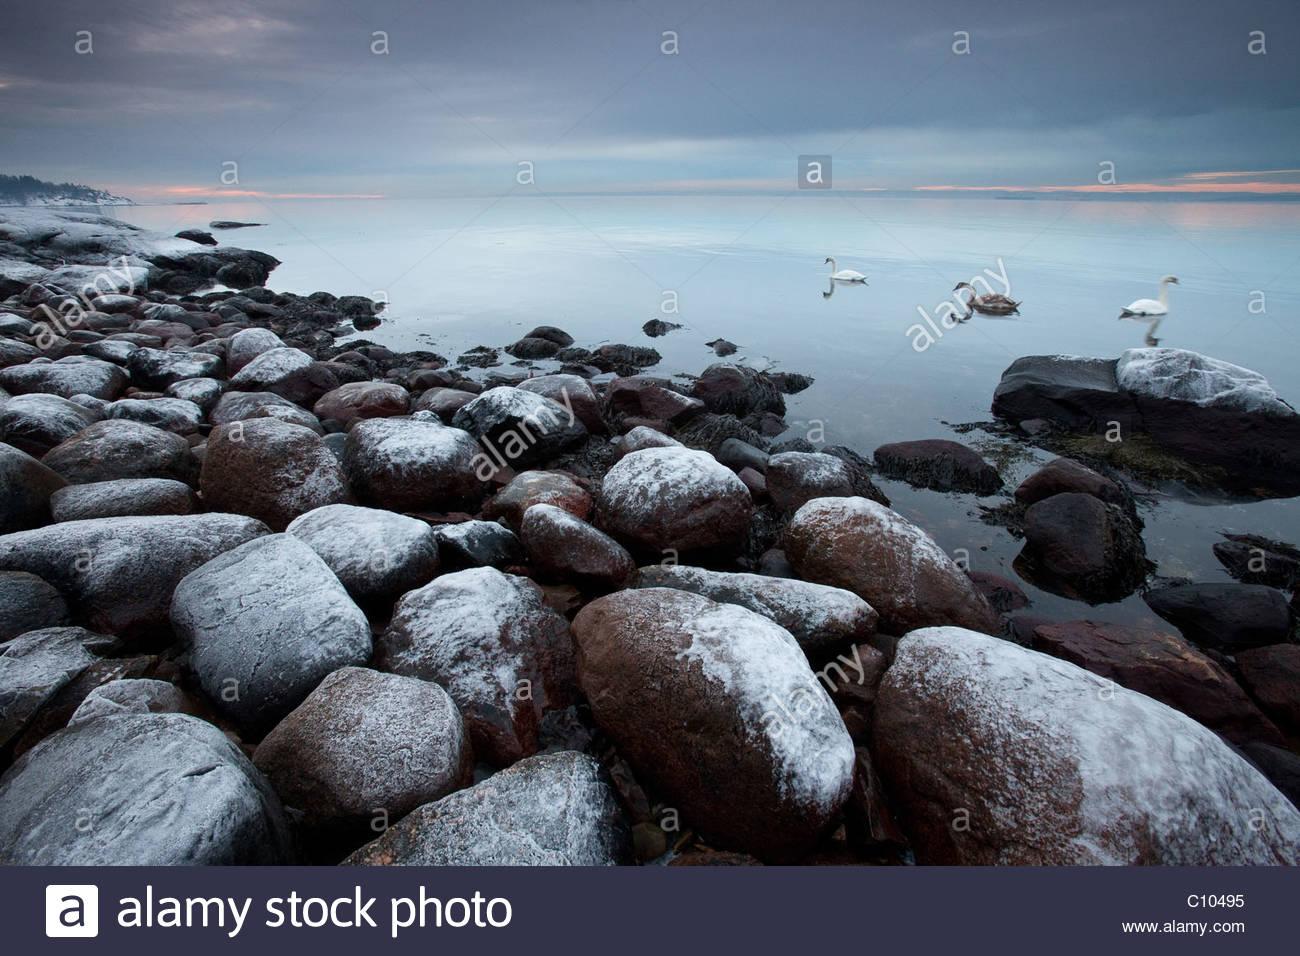 Costiera paesaggio invernale e il Cigno la famiglia a Larkollen in Rygge kommune, Østfold fylke, Norvegia sudorientale. Immagini Stock